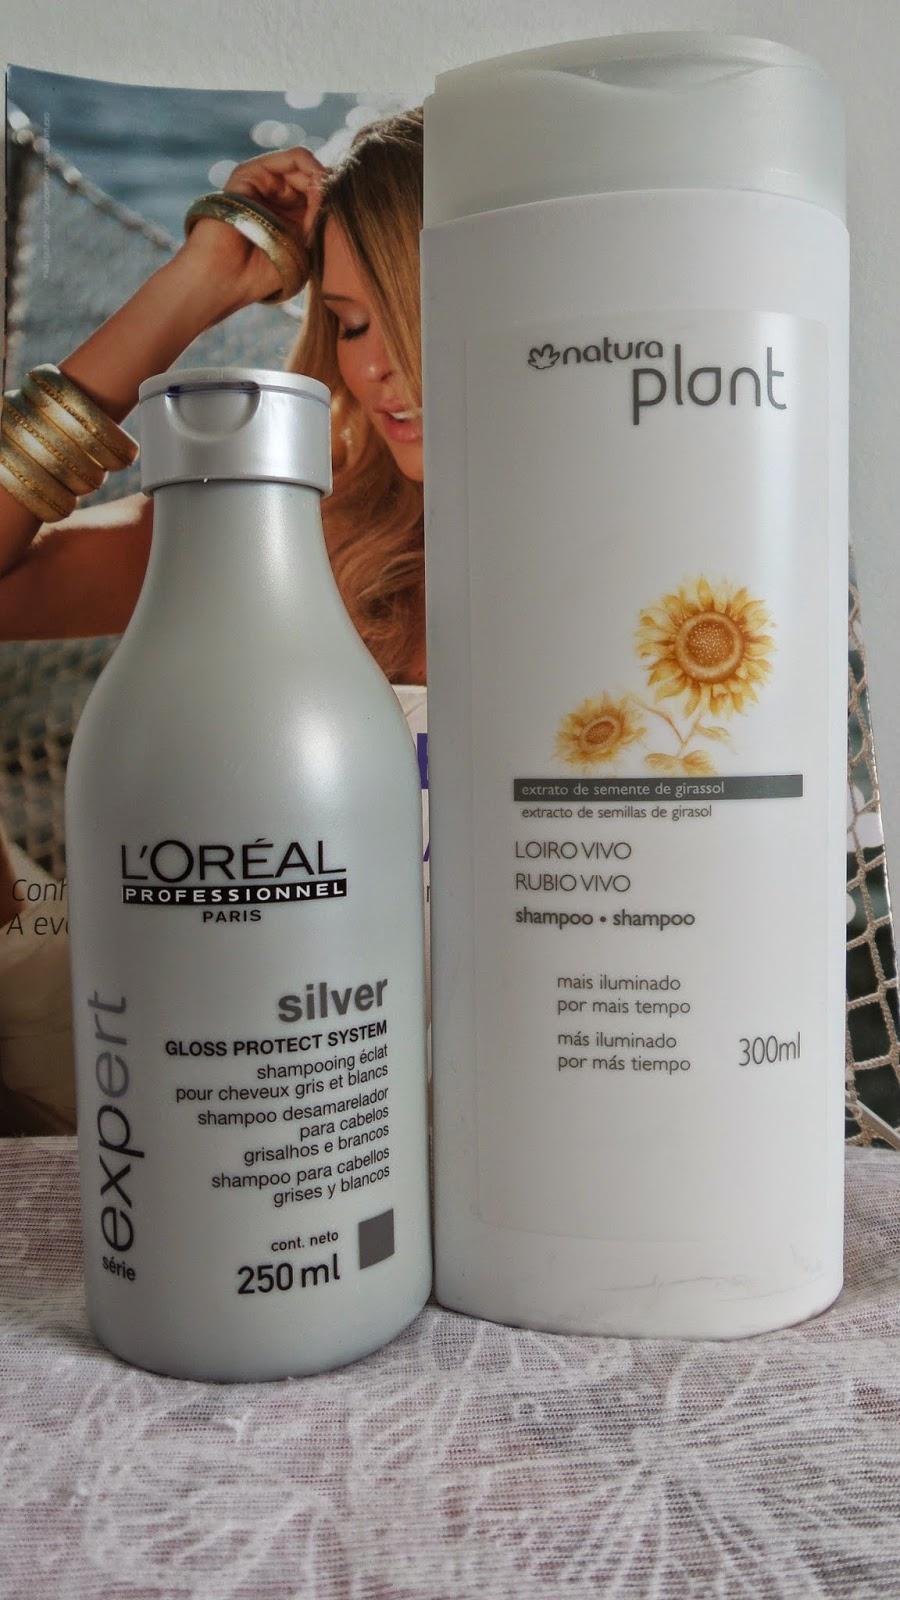 Shampoo Silver L'Oréal Professionnel e Loiro Vivo Natura Plant.